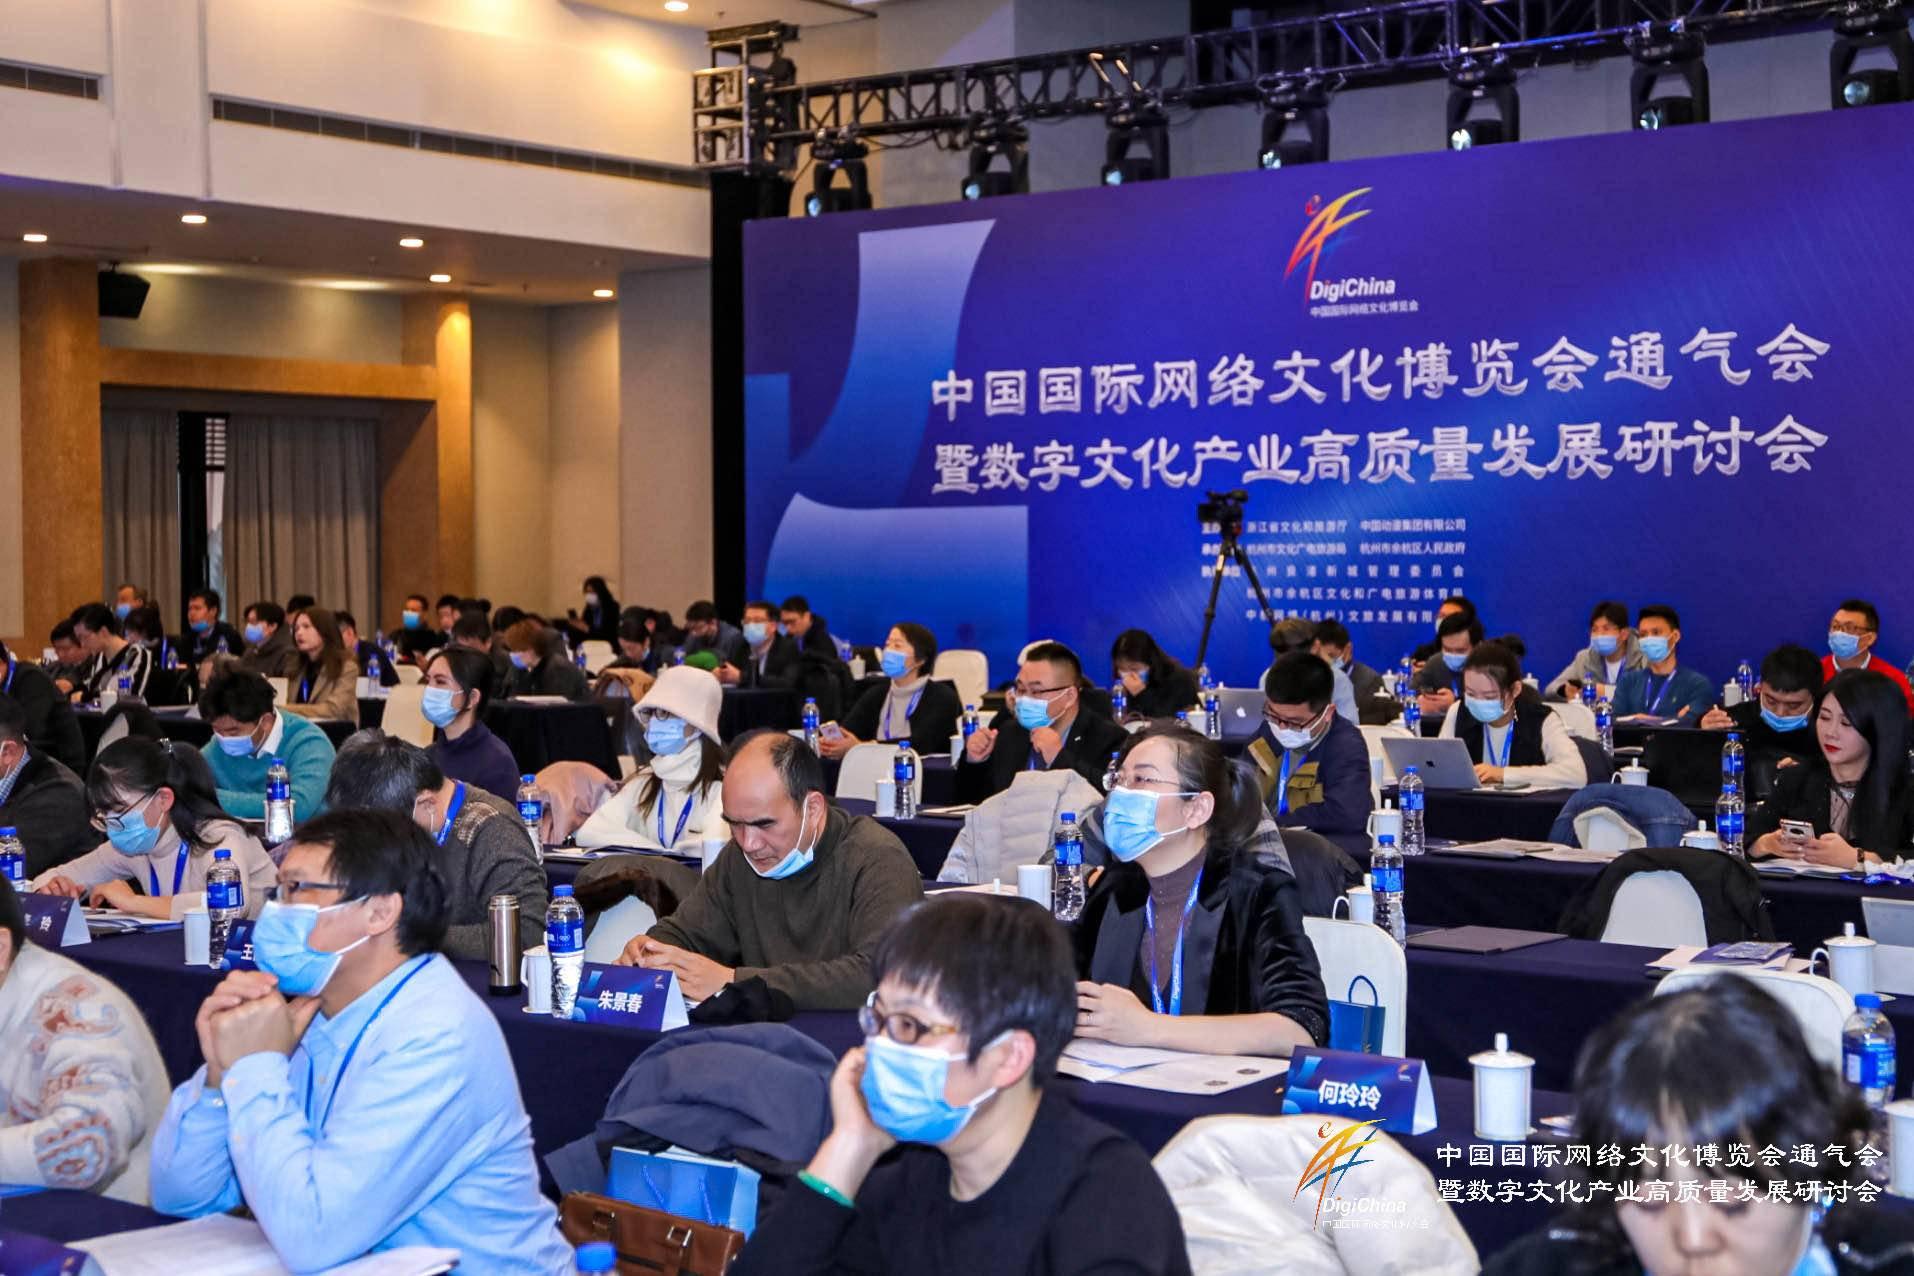 中国国际网络文化博览会通气会 暨数字文化产业高质量